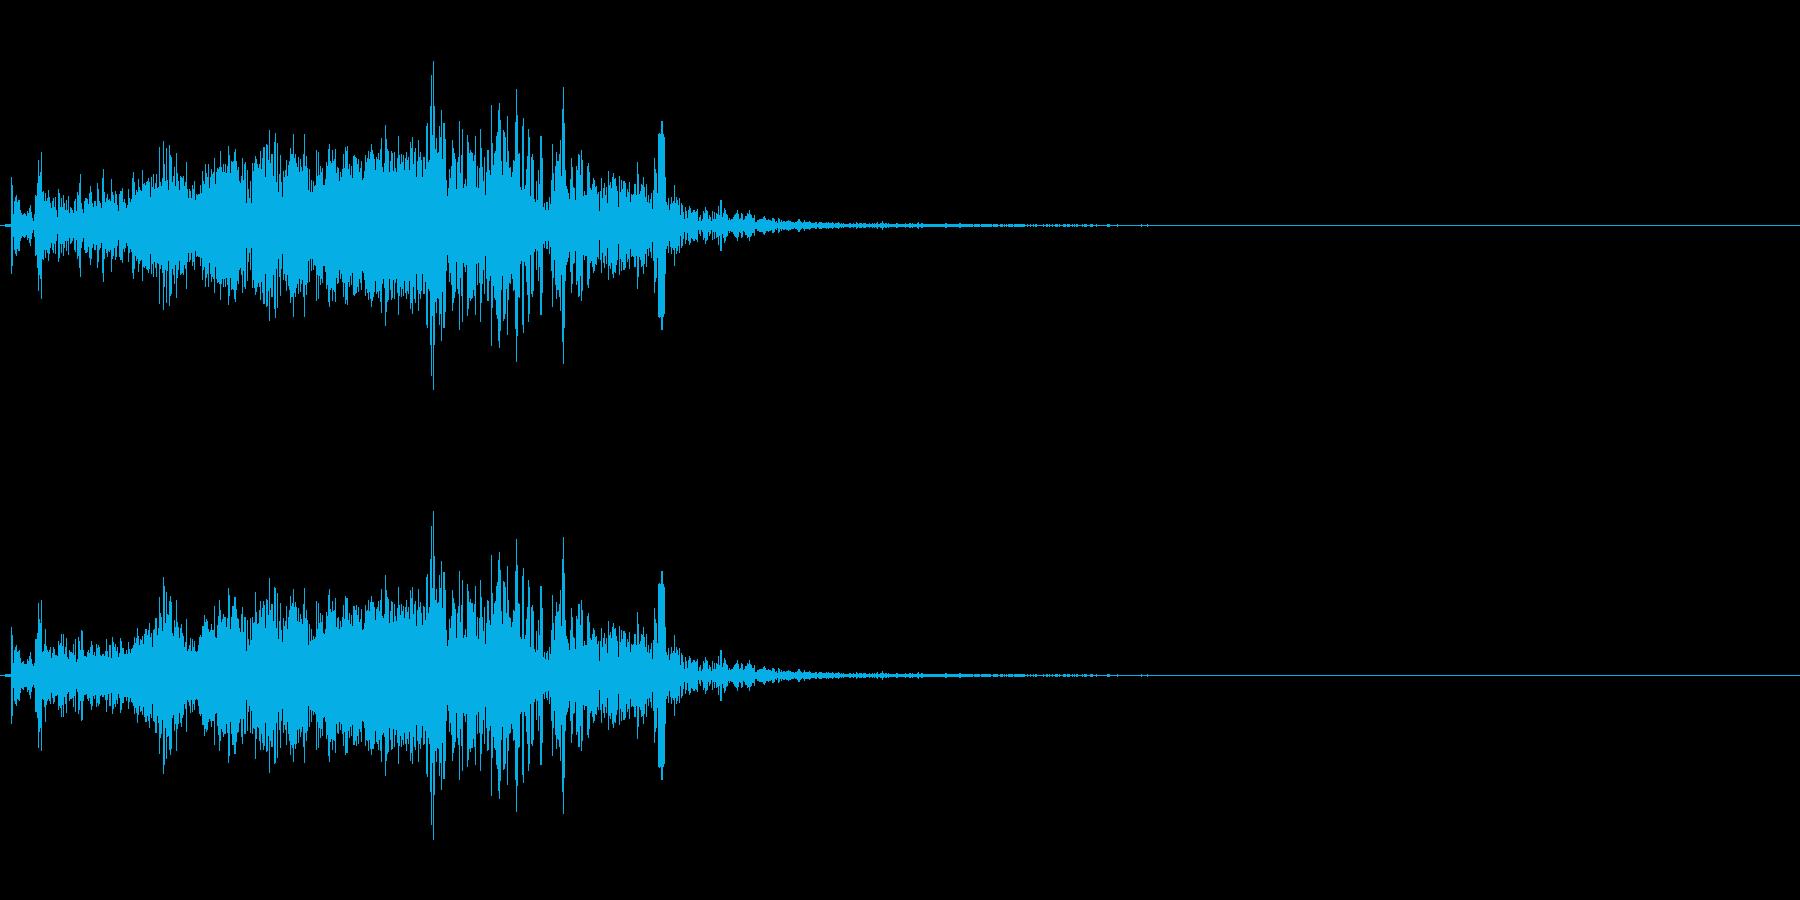 ズオーン!という大砲からのビーム発射音…の再生済みの波形